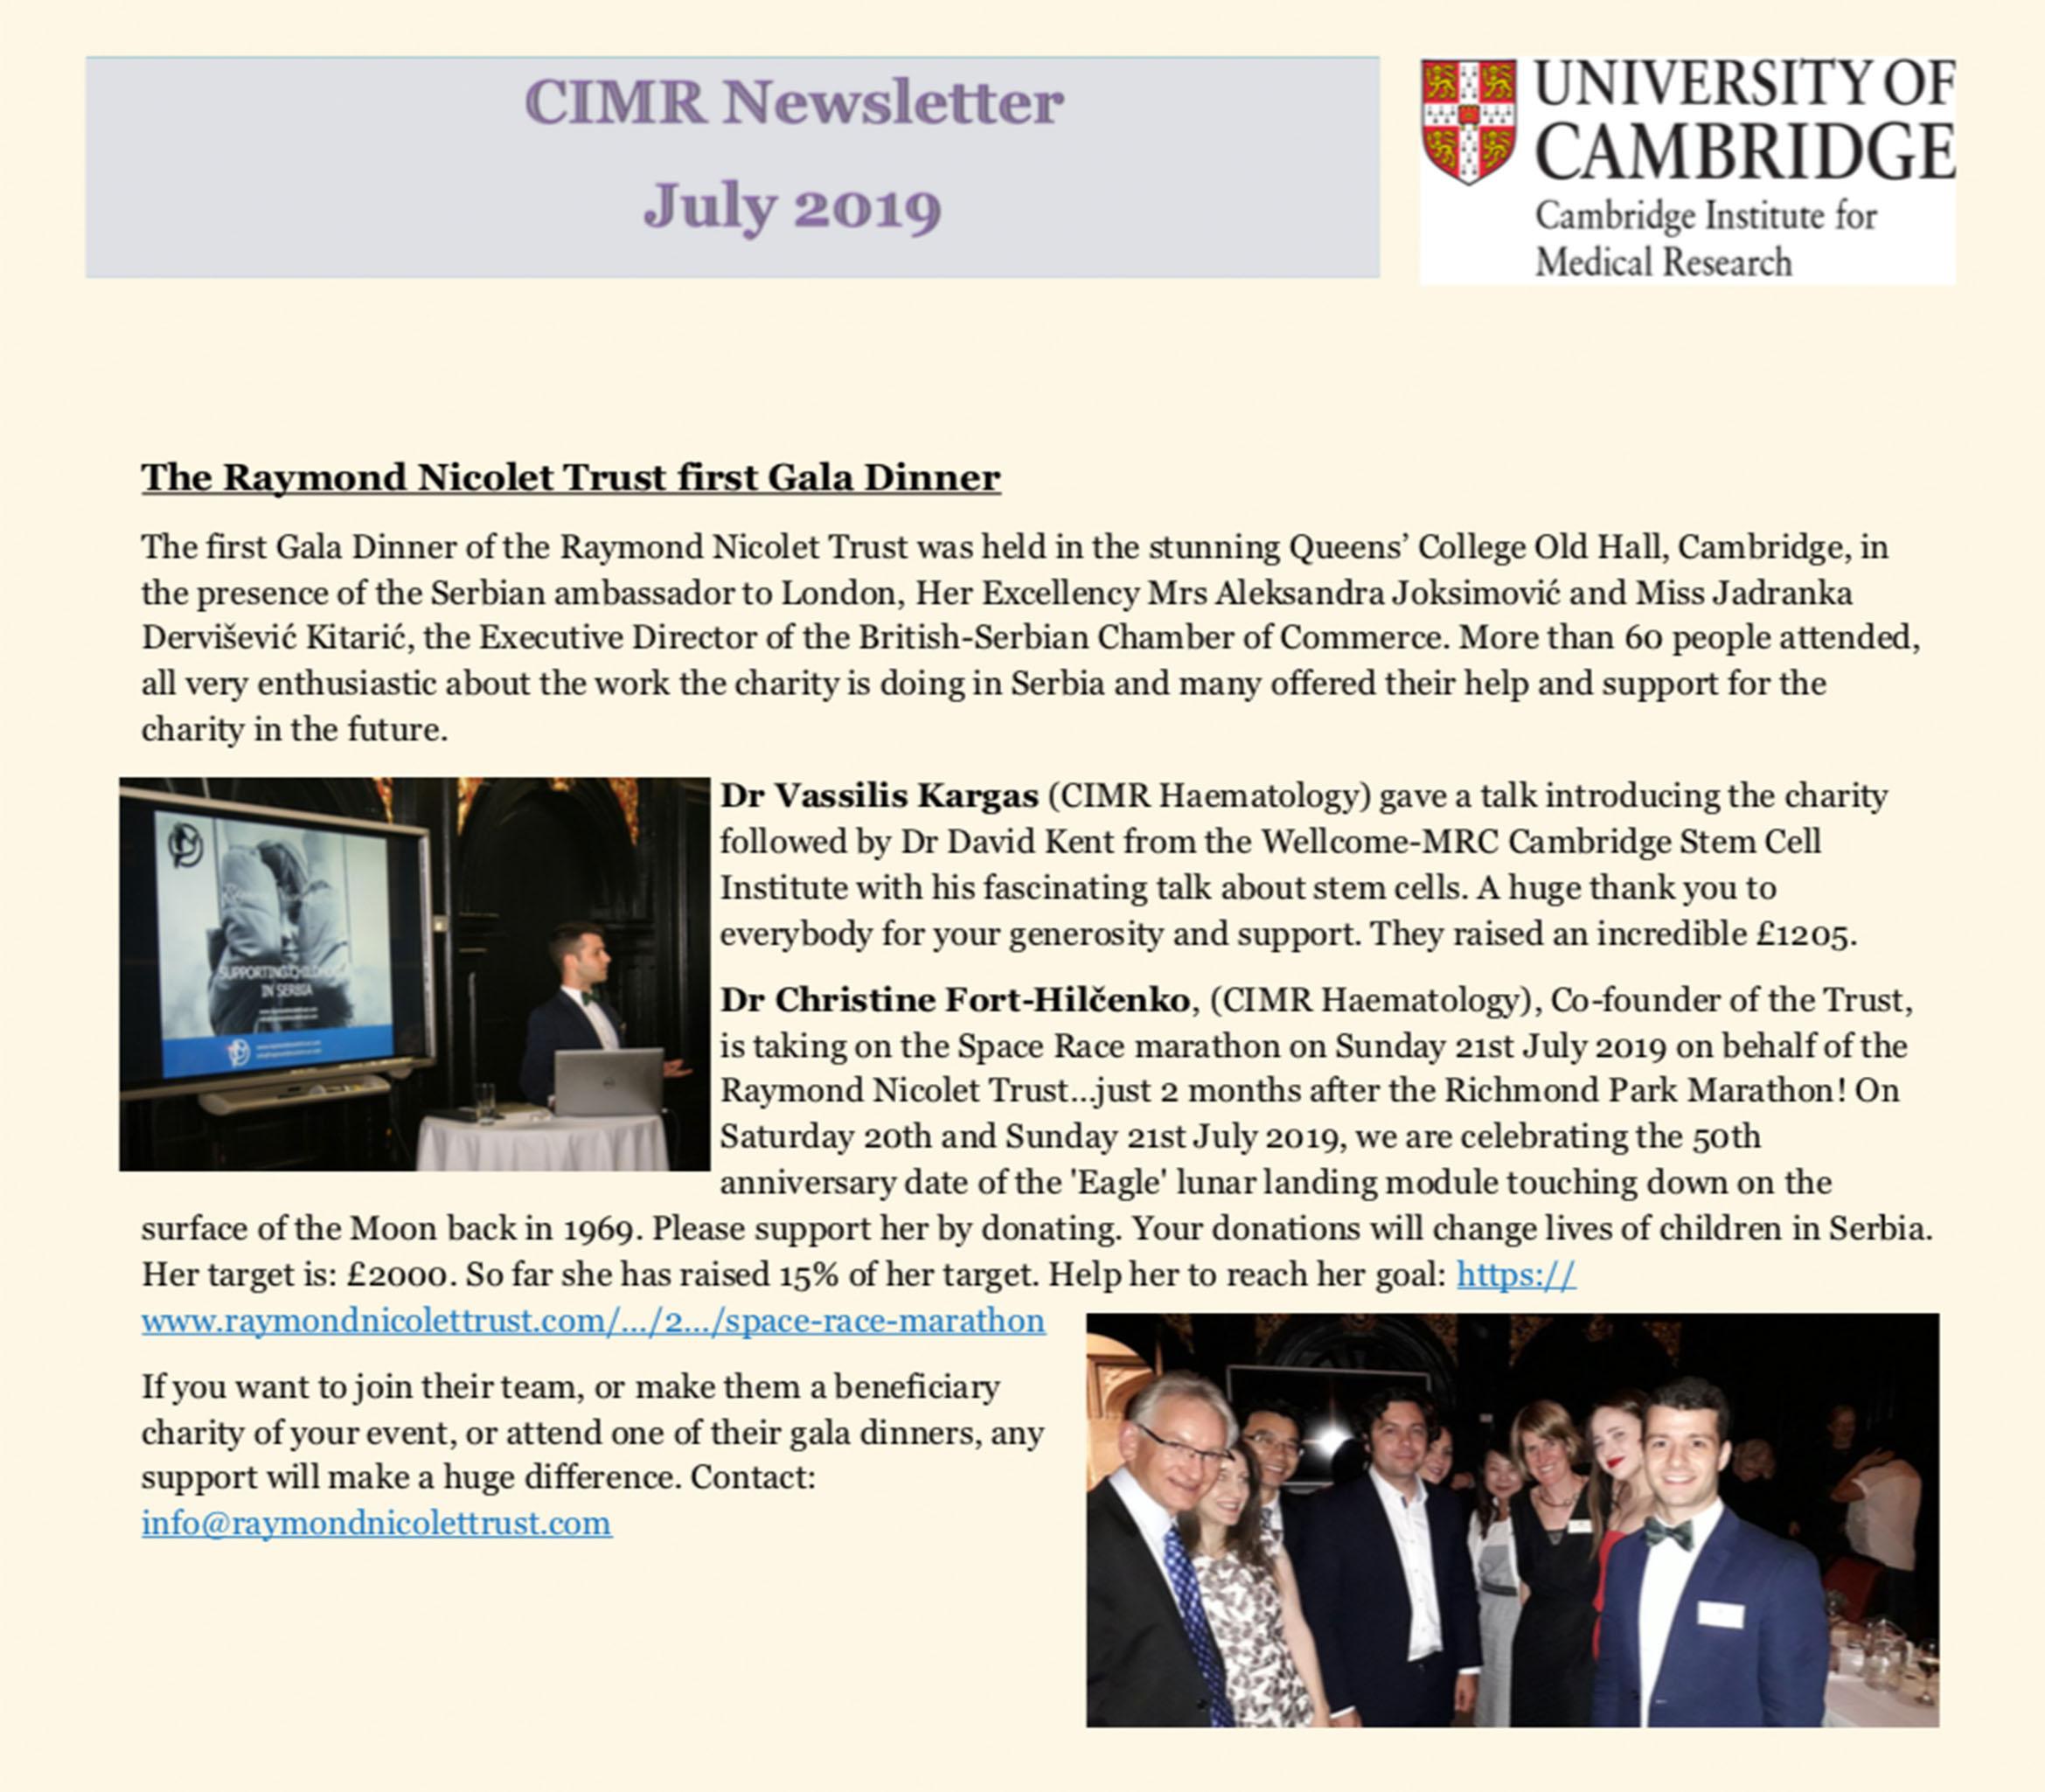 cimr_newsletter_1stjuly2019.jpg